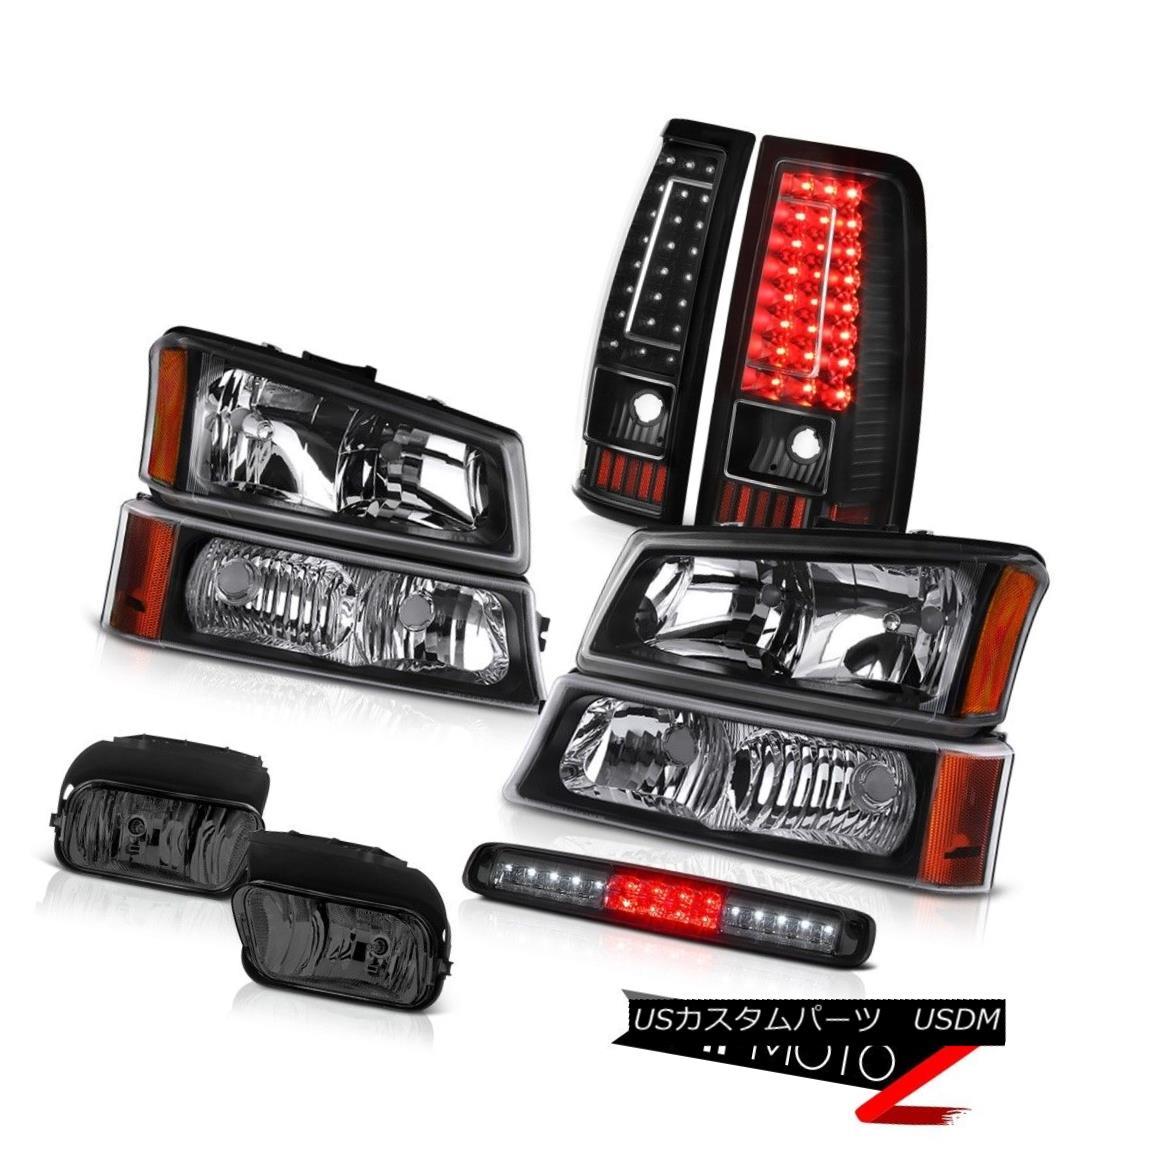 テールライト 03-06 Silverado High Stop Light Foglamps Black Tail Lamps Signal Headlamps LED 03-06 SilveradoハイストップライトフォグランプブラックテールランプシグナルヘッドランプLED